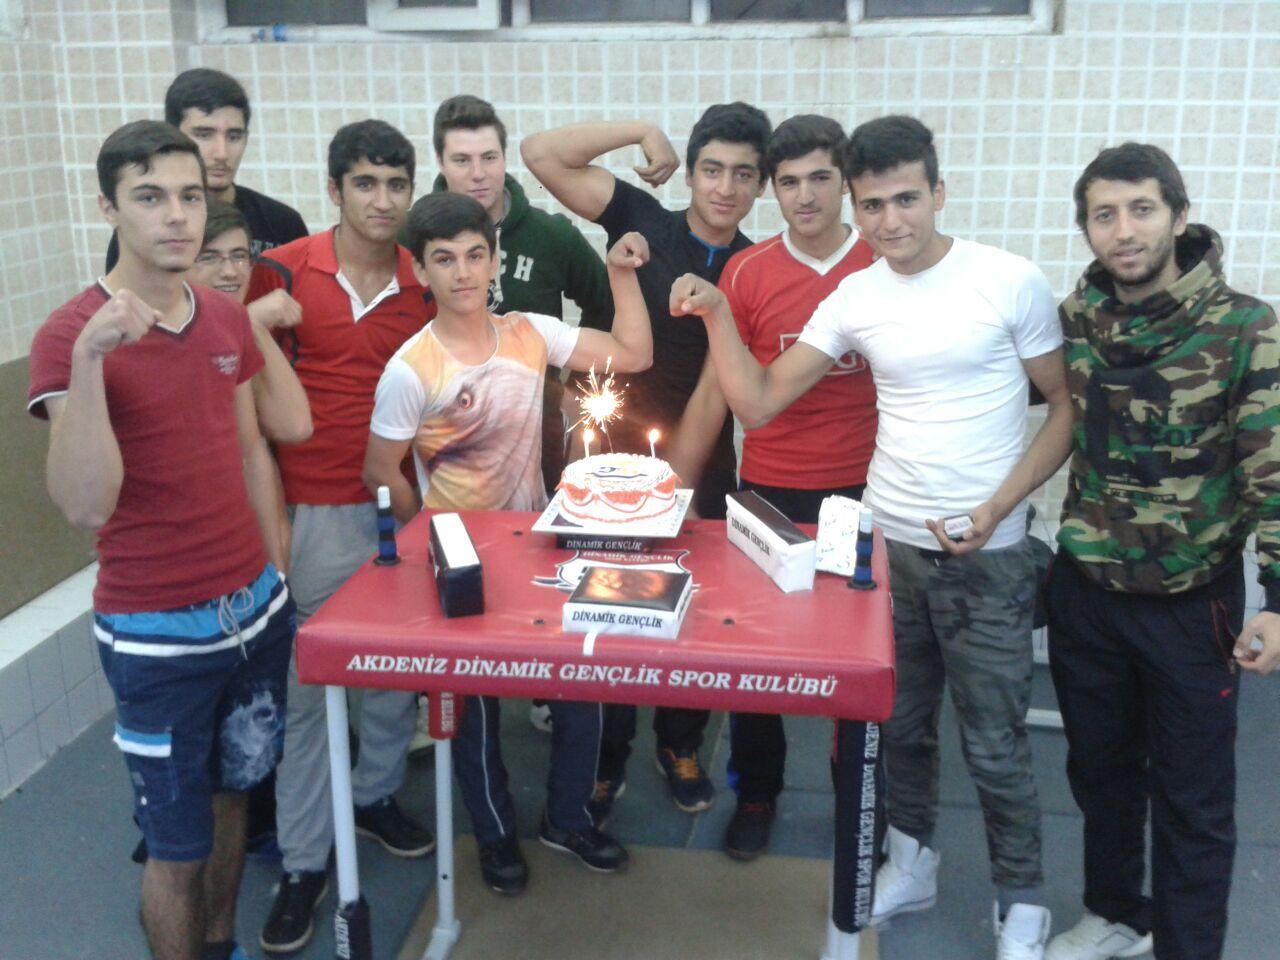 Antalya Dinamik Gençlik Bilek Güreşi Takımı, Türkiye Şampiyonasına Hazırlanıyor